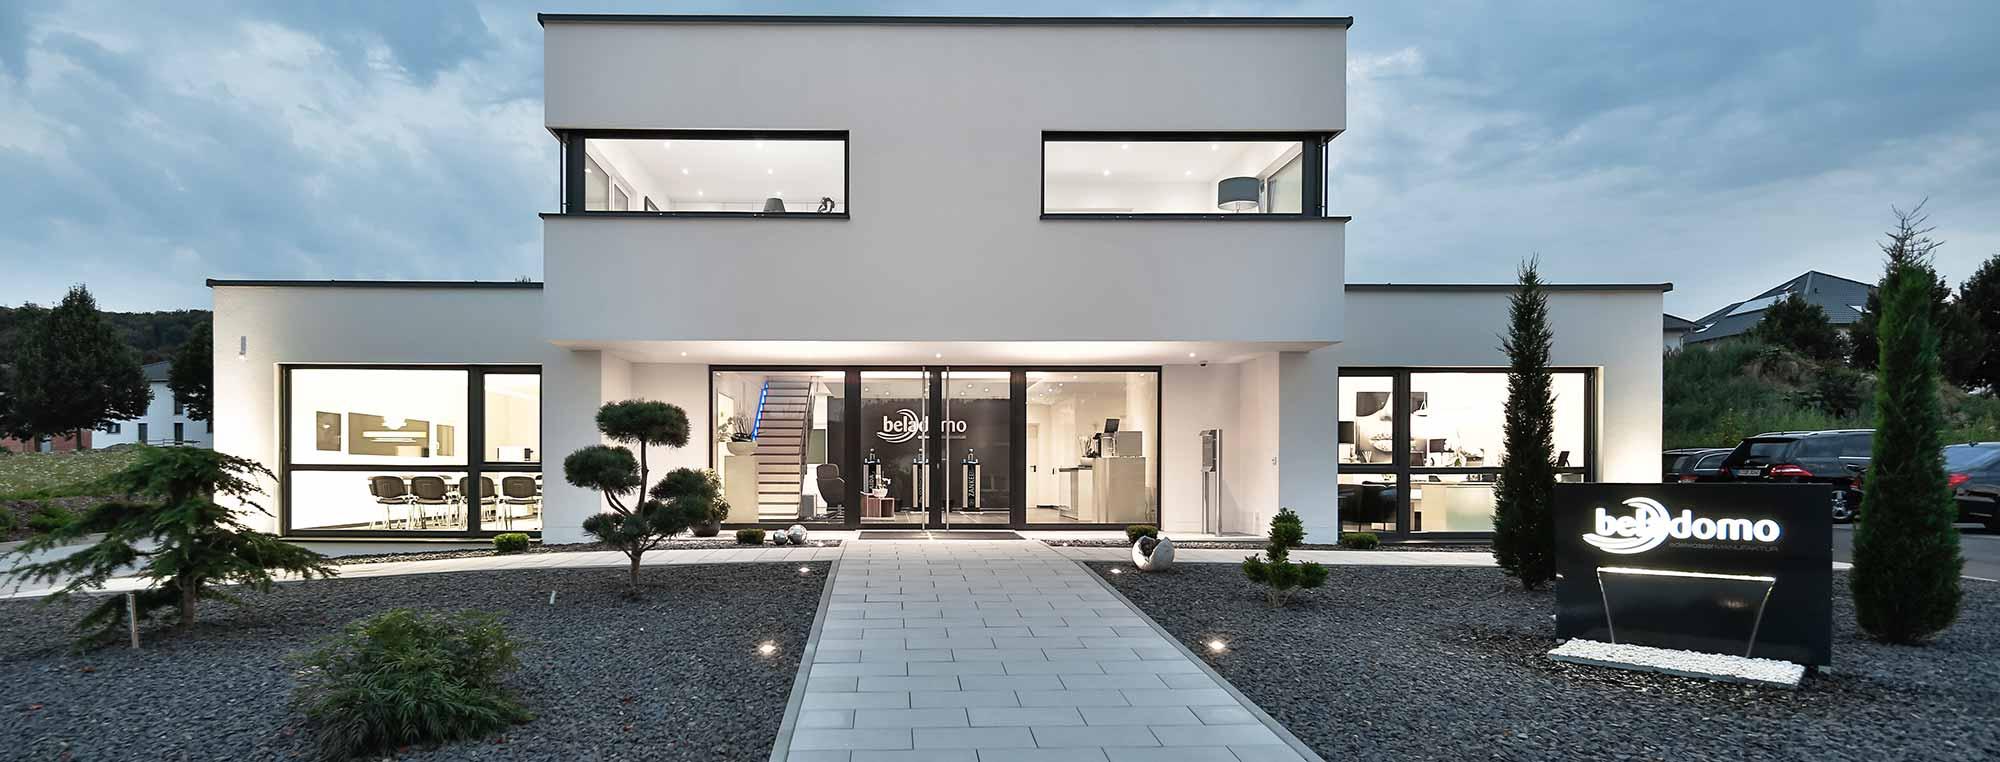 Firmenzentrale der beladomo GmbH